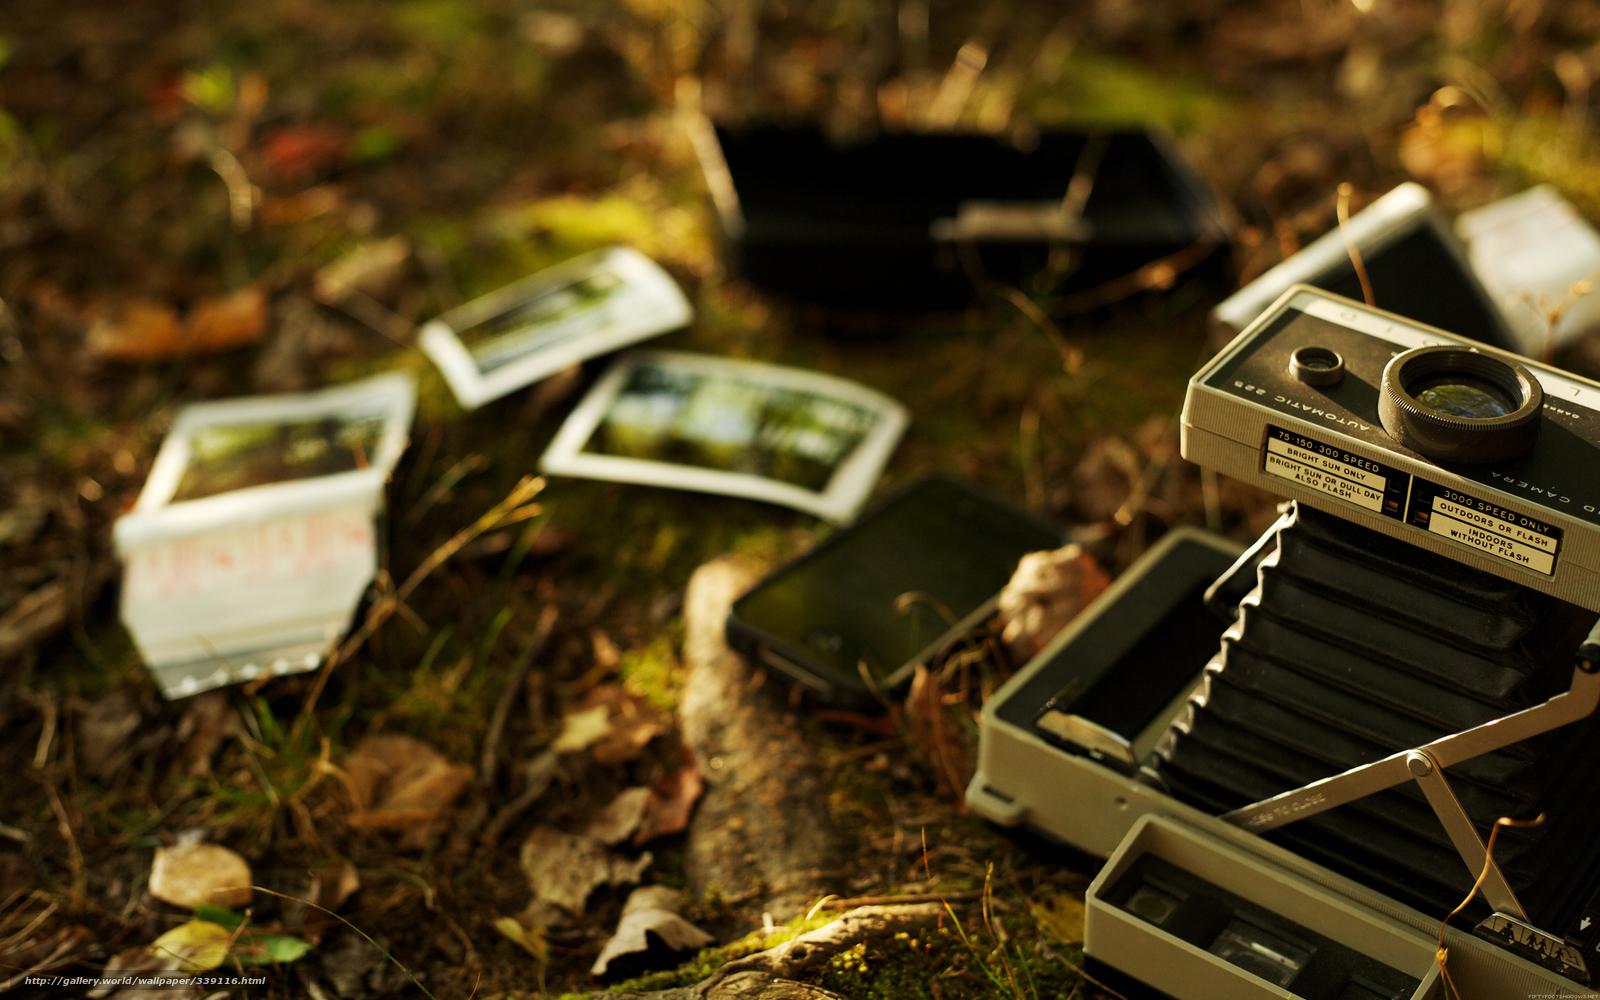 Фото из найденного фотоаппарата 22 фотография